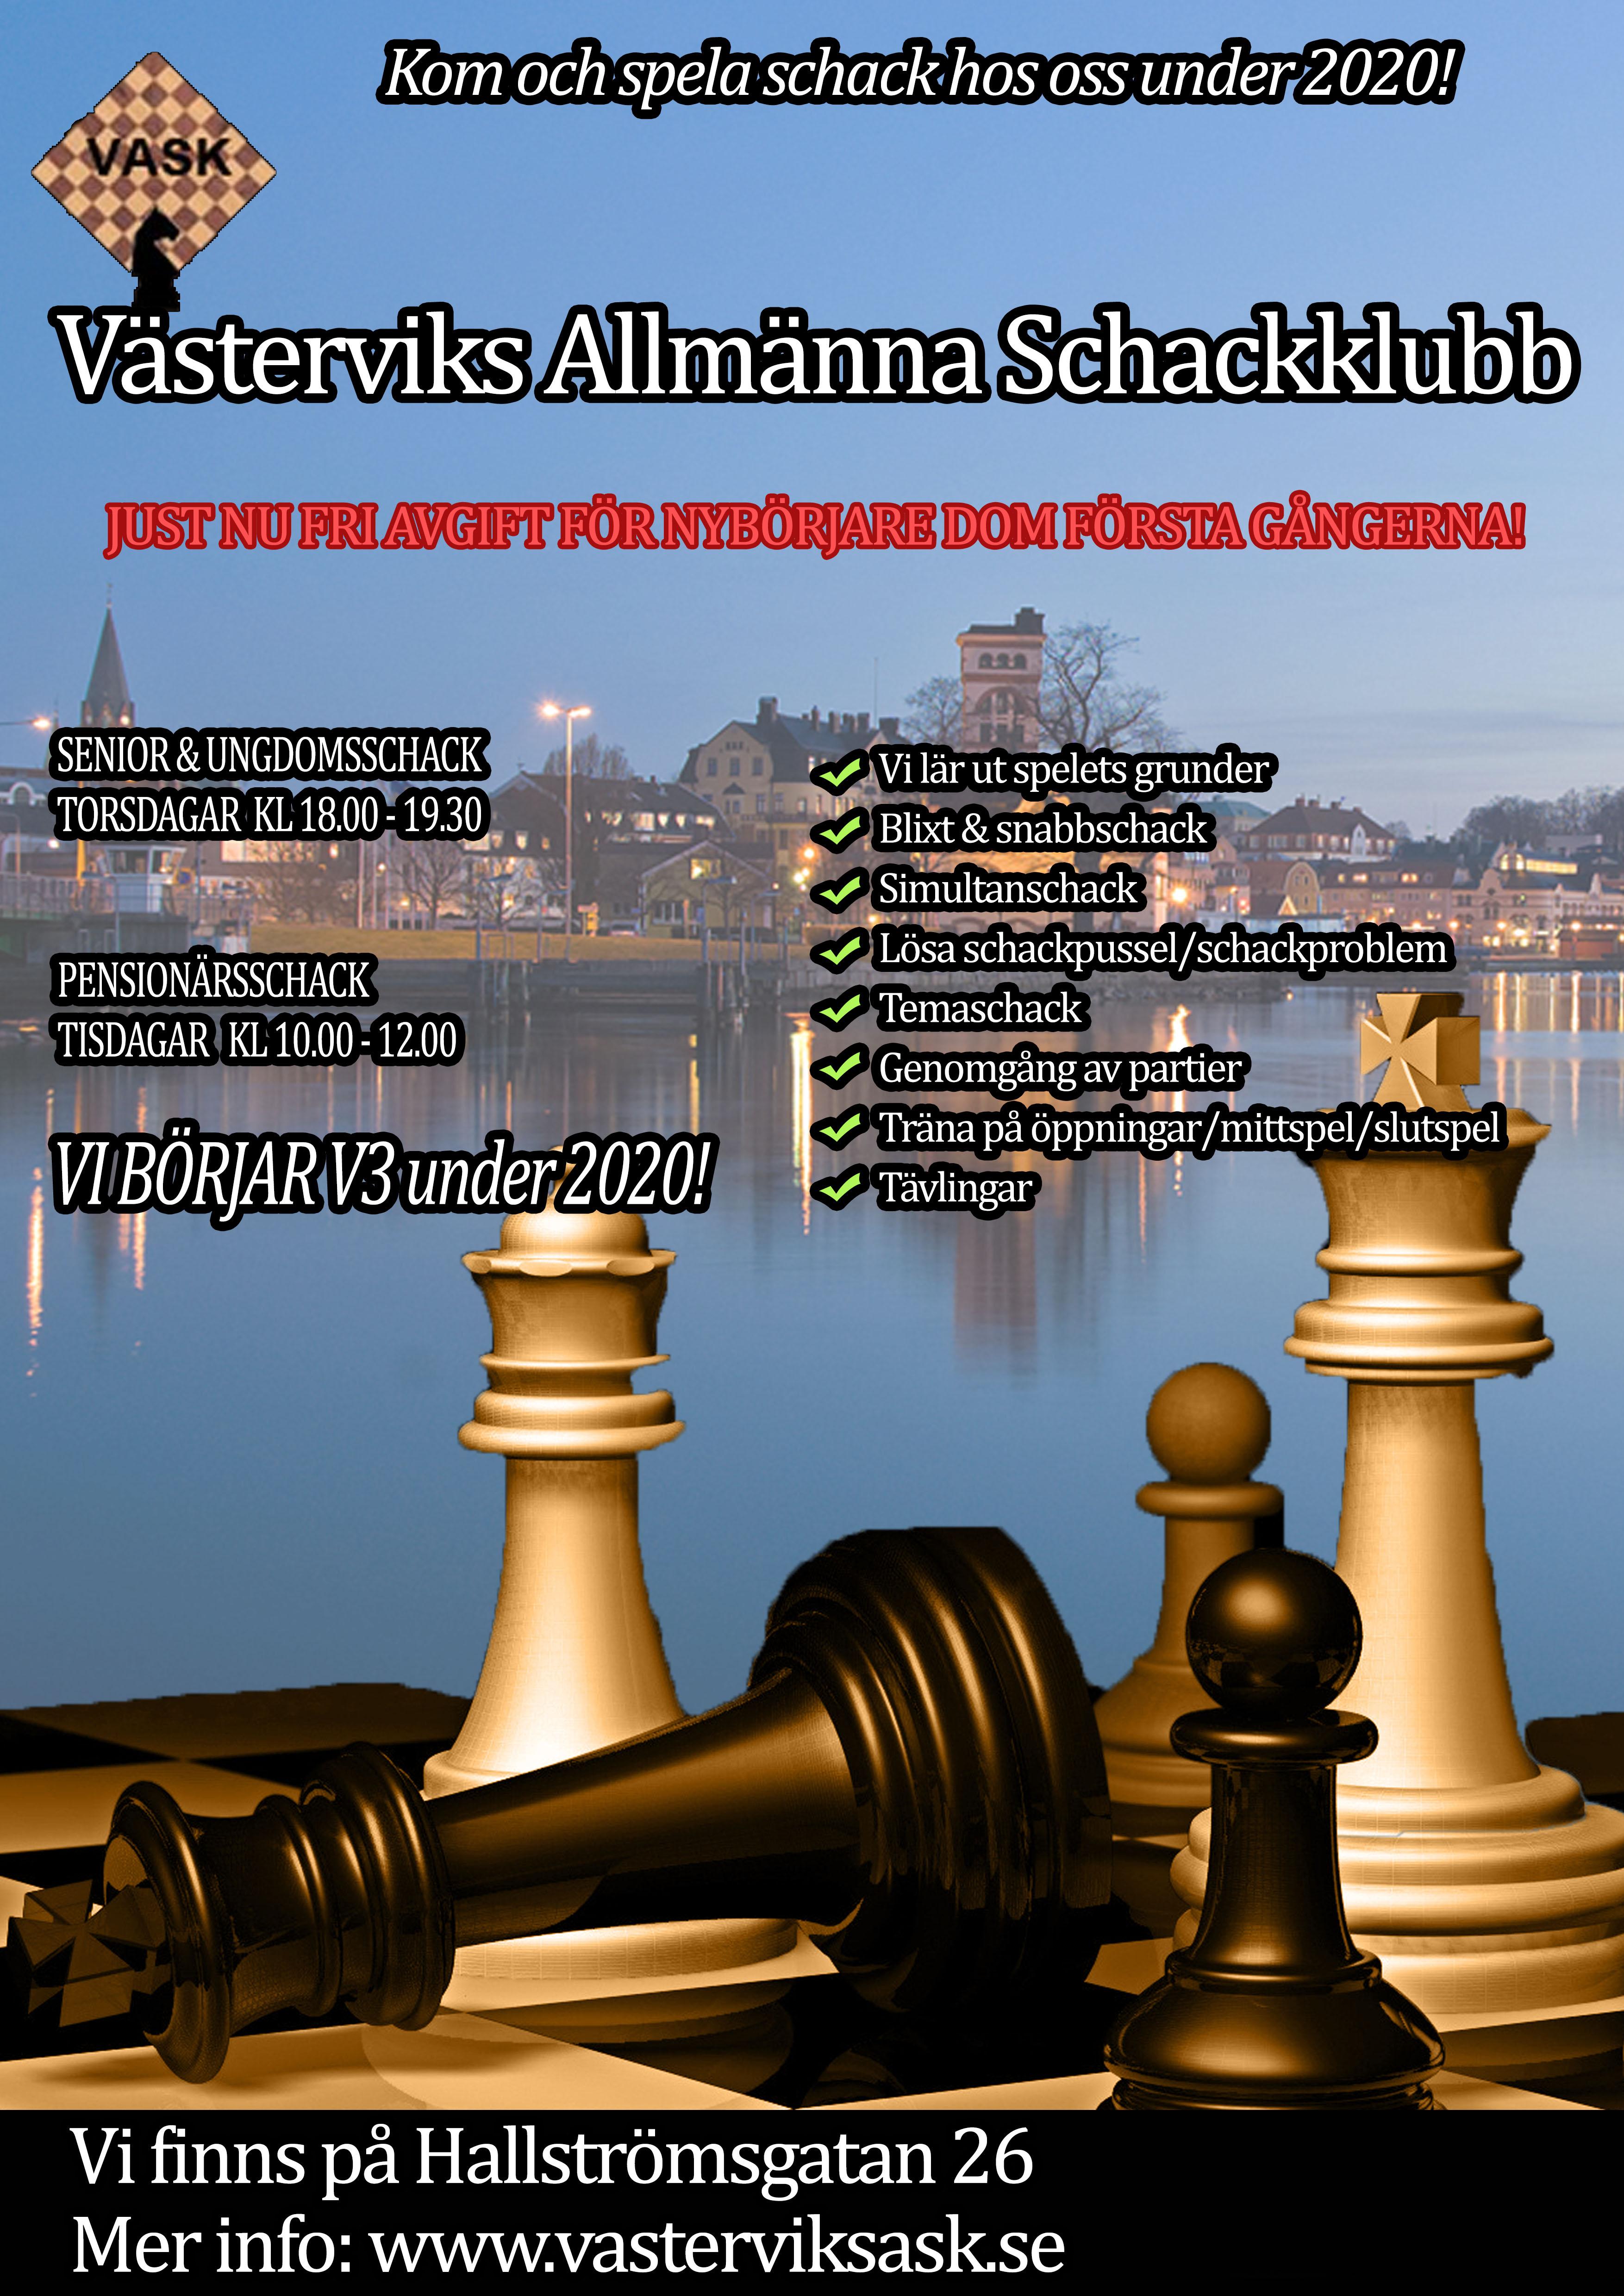 vask_2020_schema